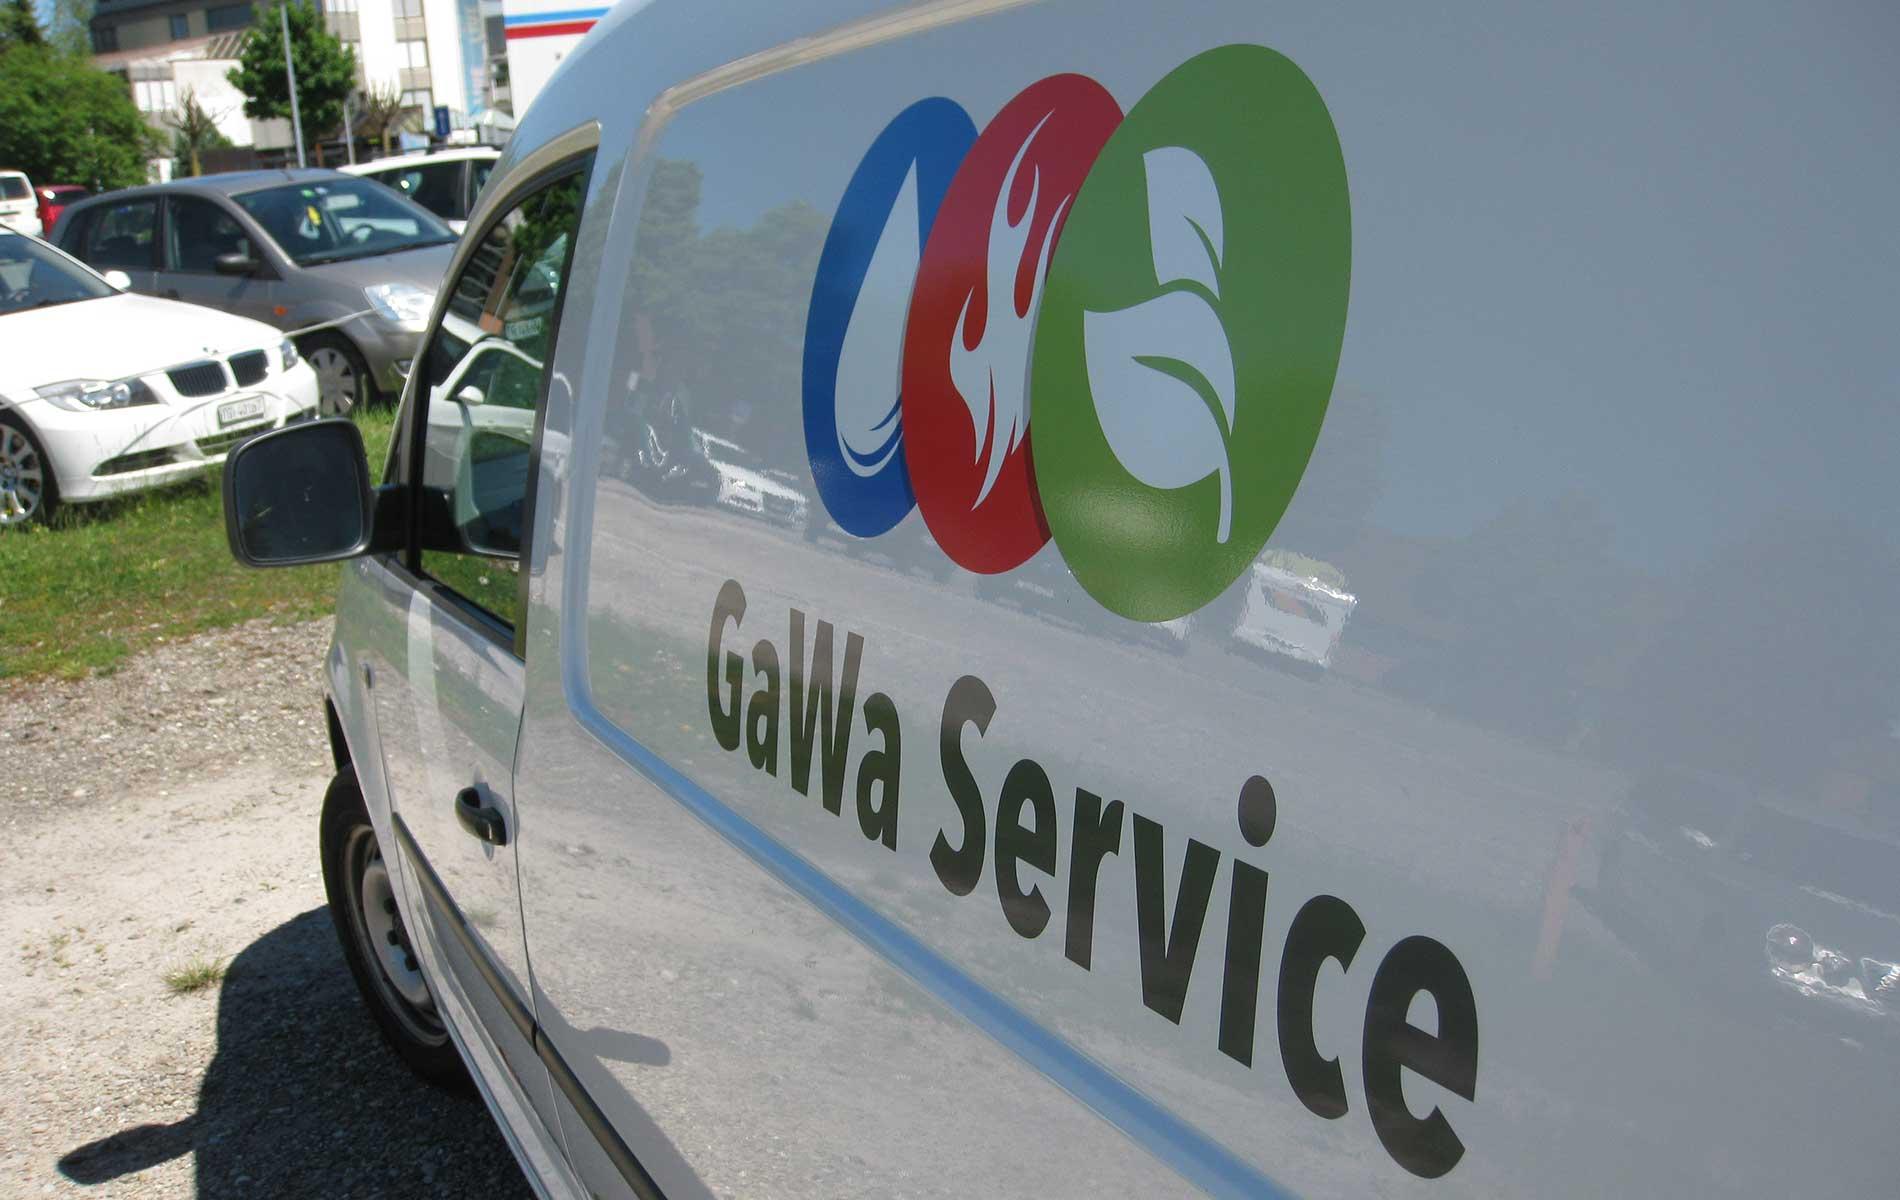 GaWa Service GmbH